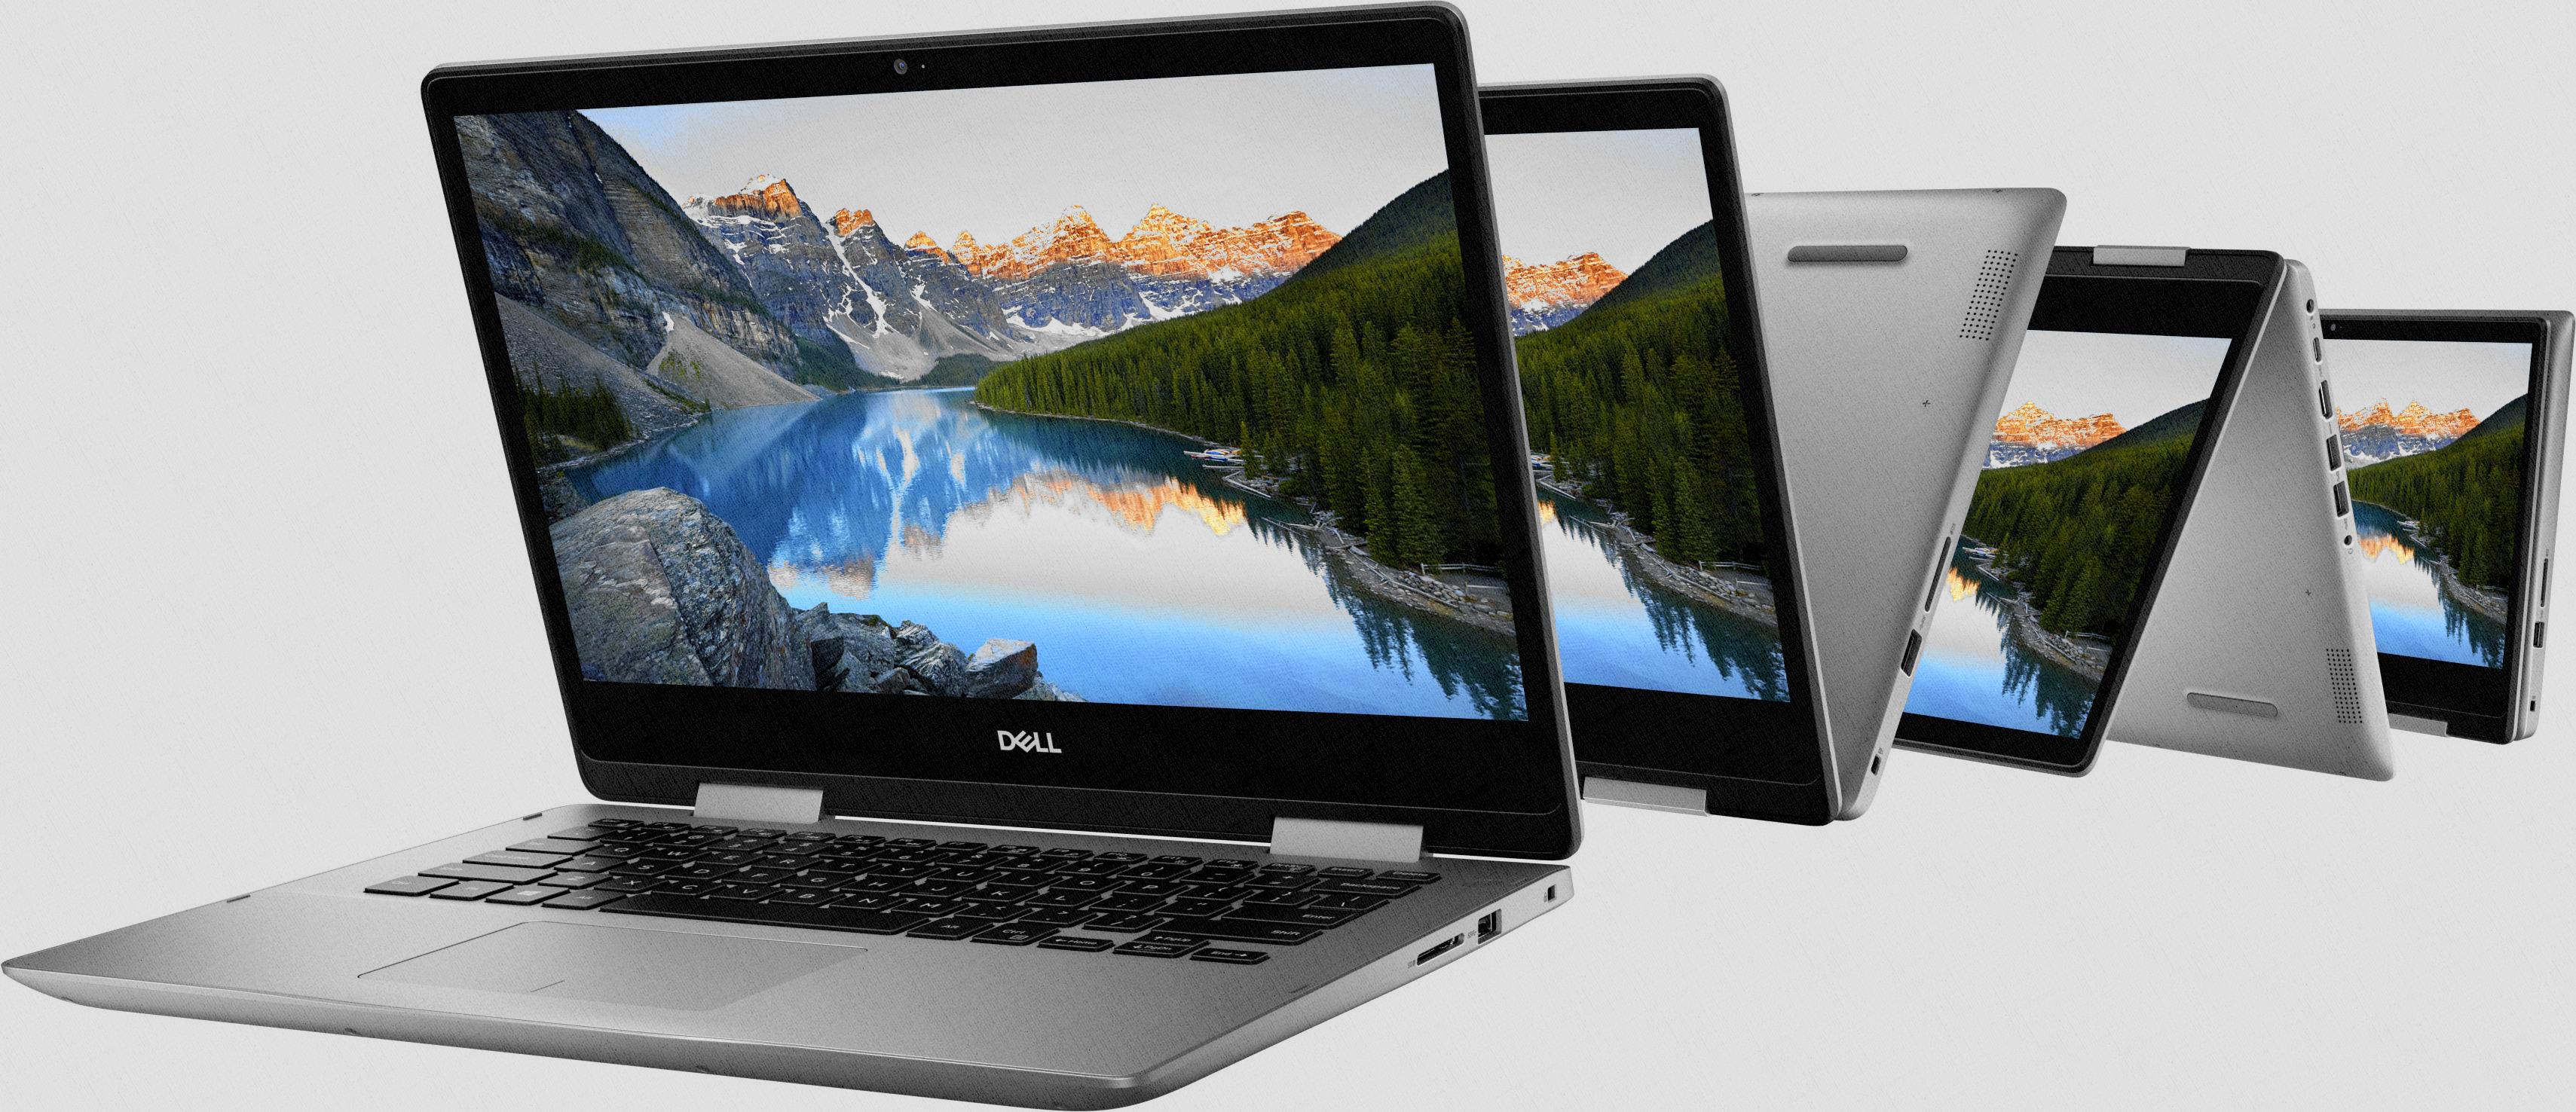 Dell Inspiron 5482 Silver